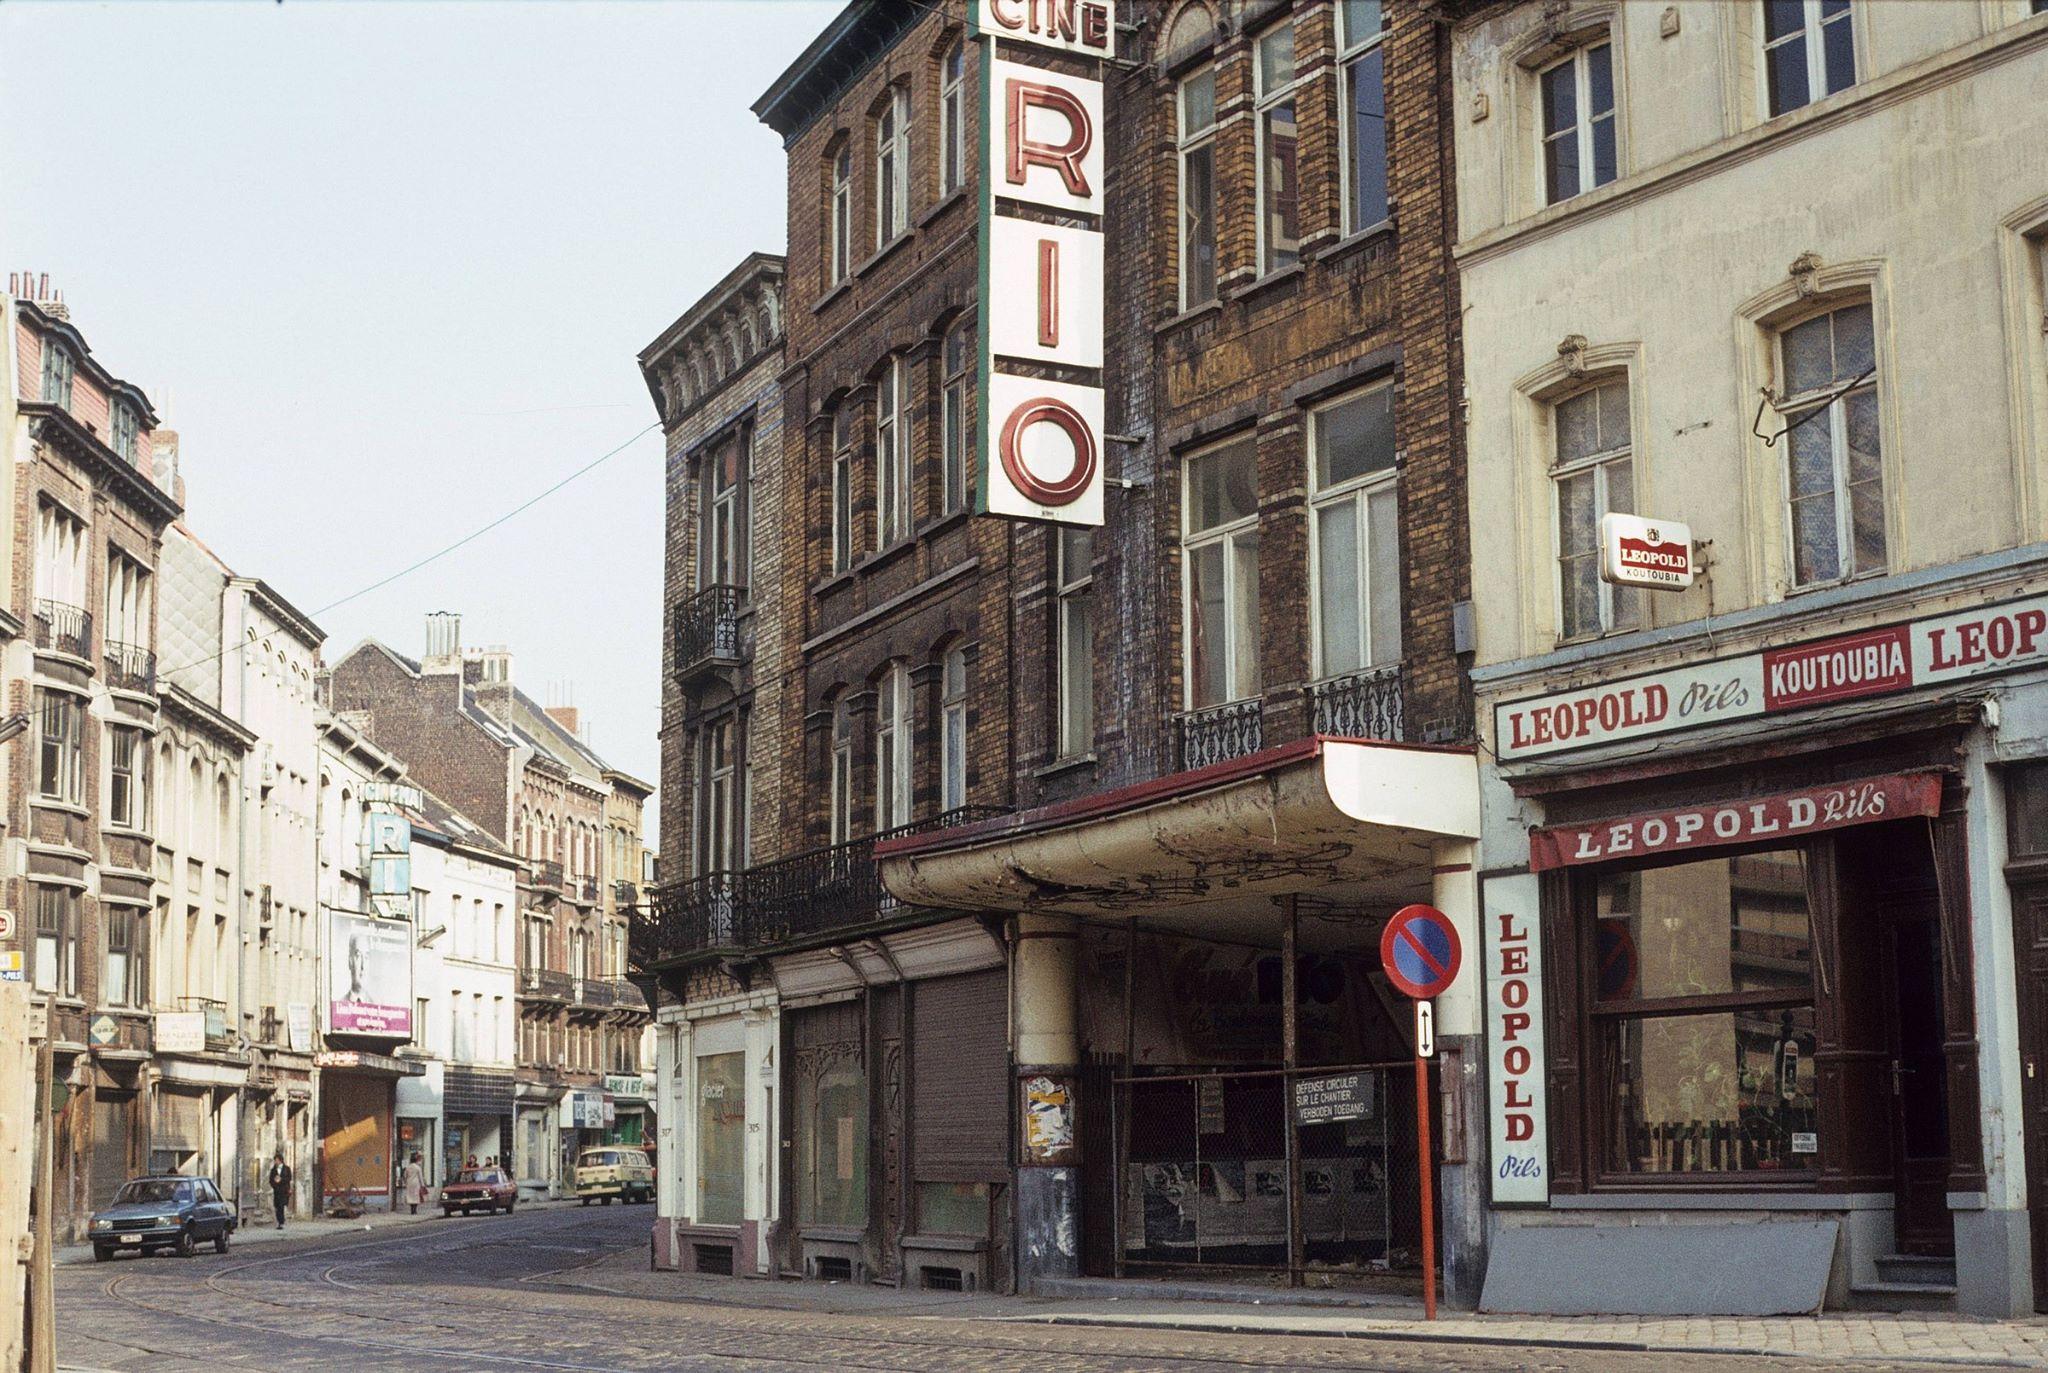 Rio Cinema, Brussels - via CinemaTreasures.org